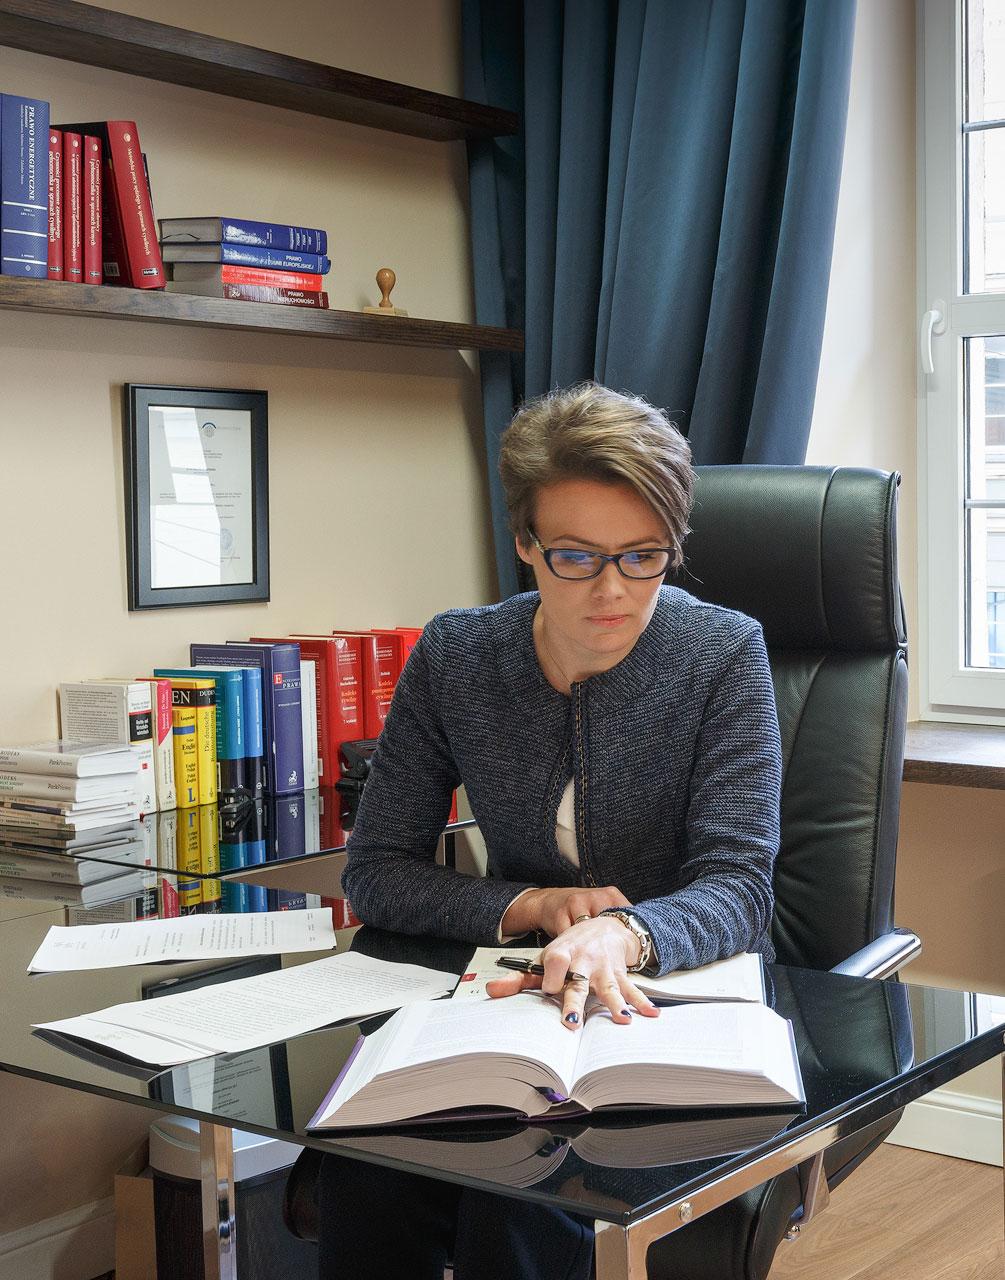 prawobudowlane generalny inwestor dochodzenie roszczeń Gesellschaft GmbH in Polen wypadek szkoda ubezpieczenie